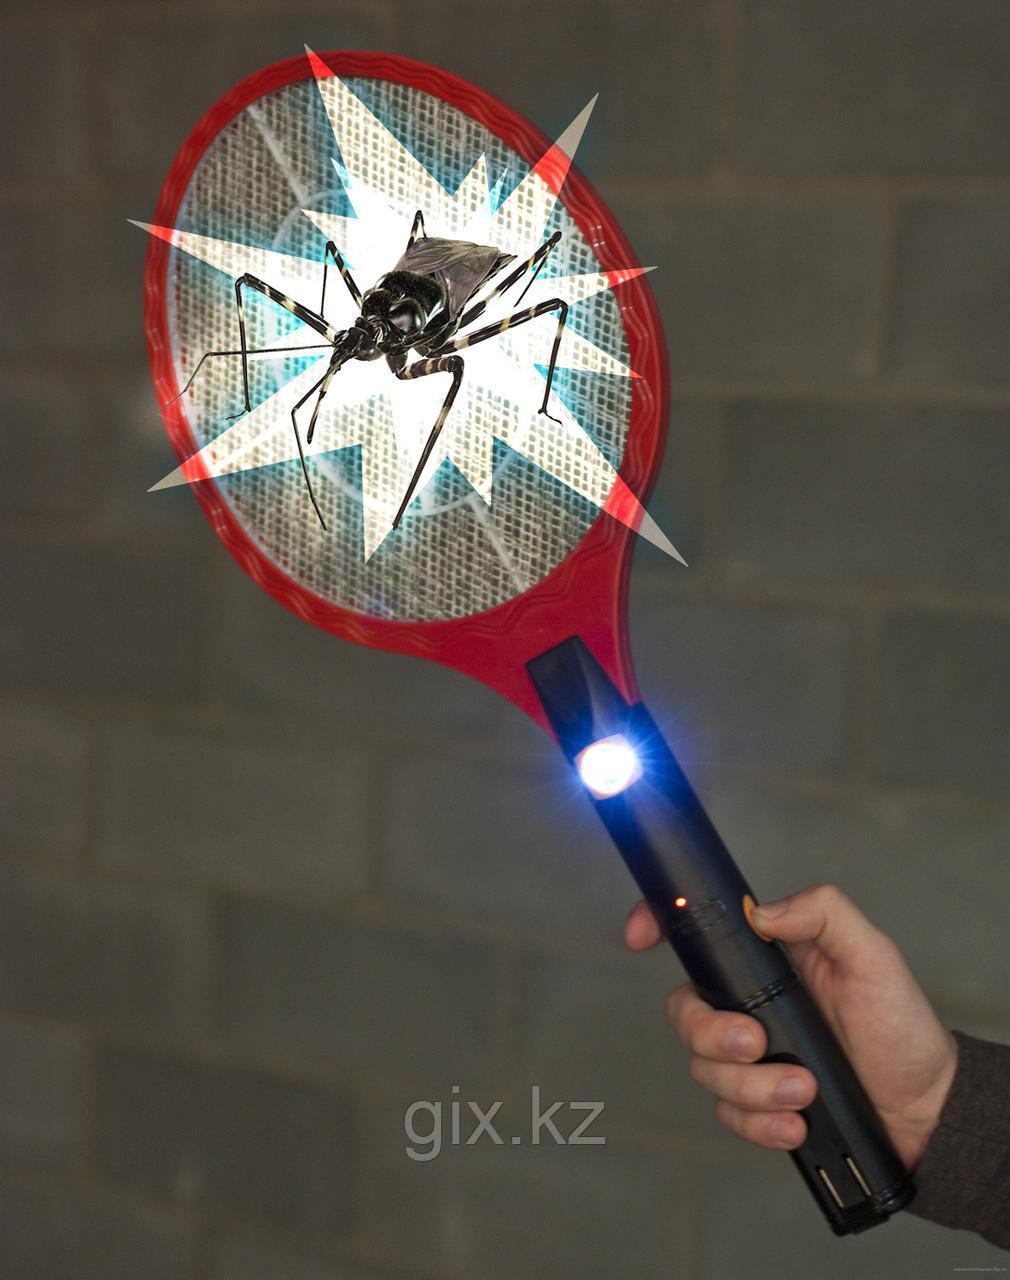 Электрическая мухобойка с фонарем (уничтожитель комаров)